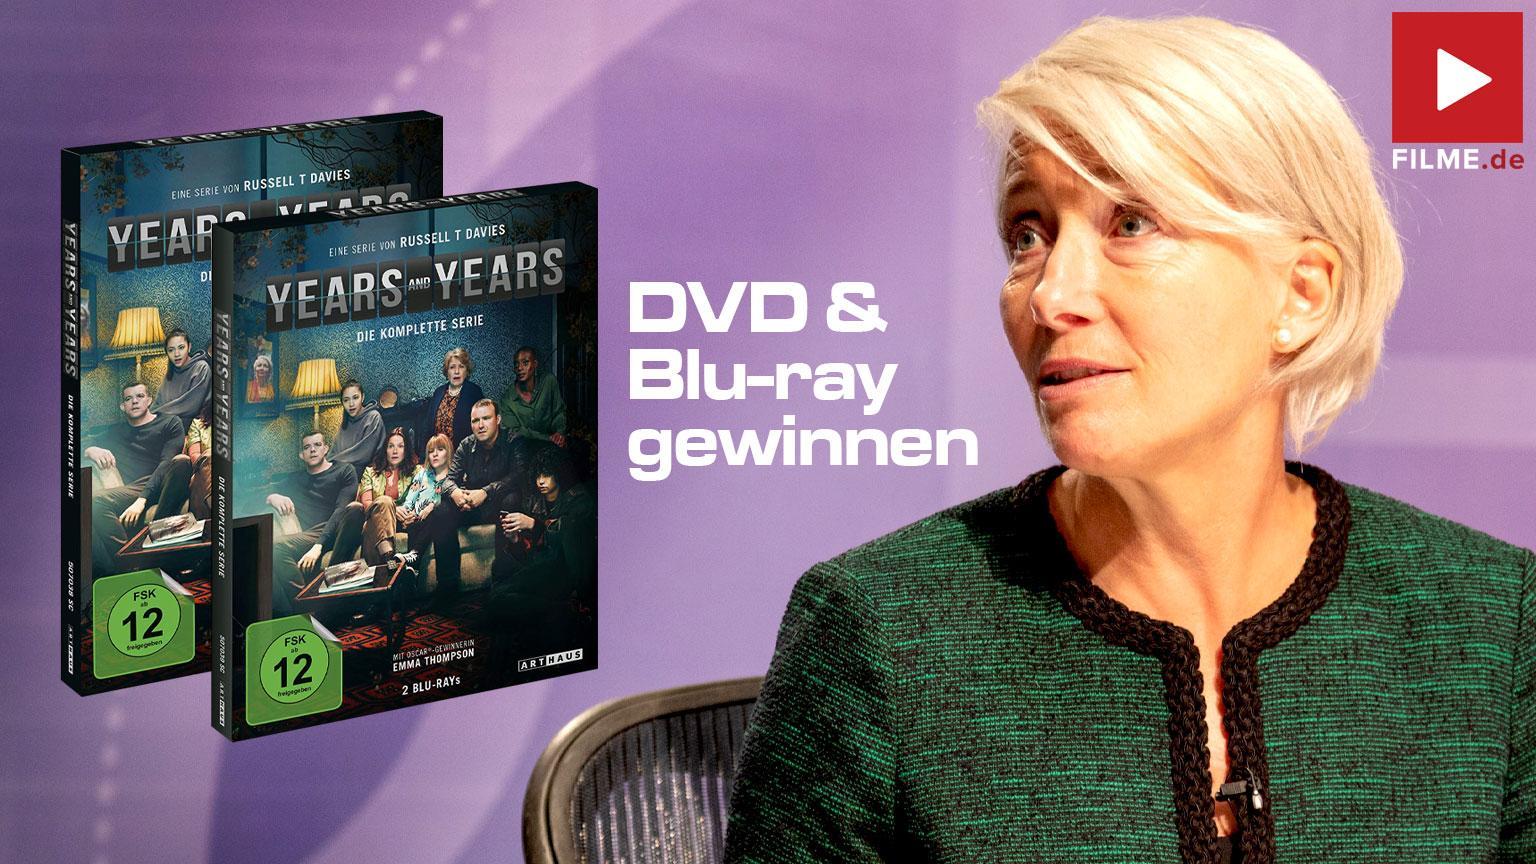 YEARS & YEARS / DIE KOMPLETTE SERIE / BLU-RAY Gewinnspiel gewinnen shop kaufen DVD Artikelbild